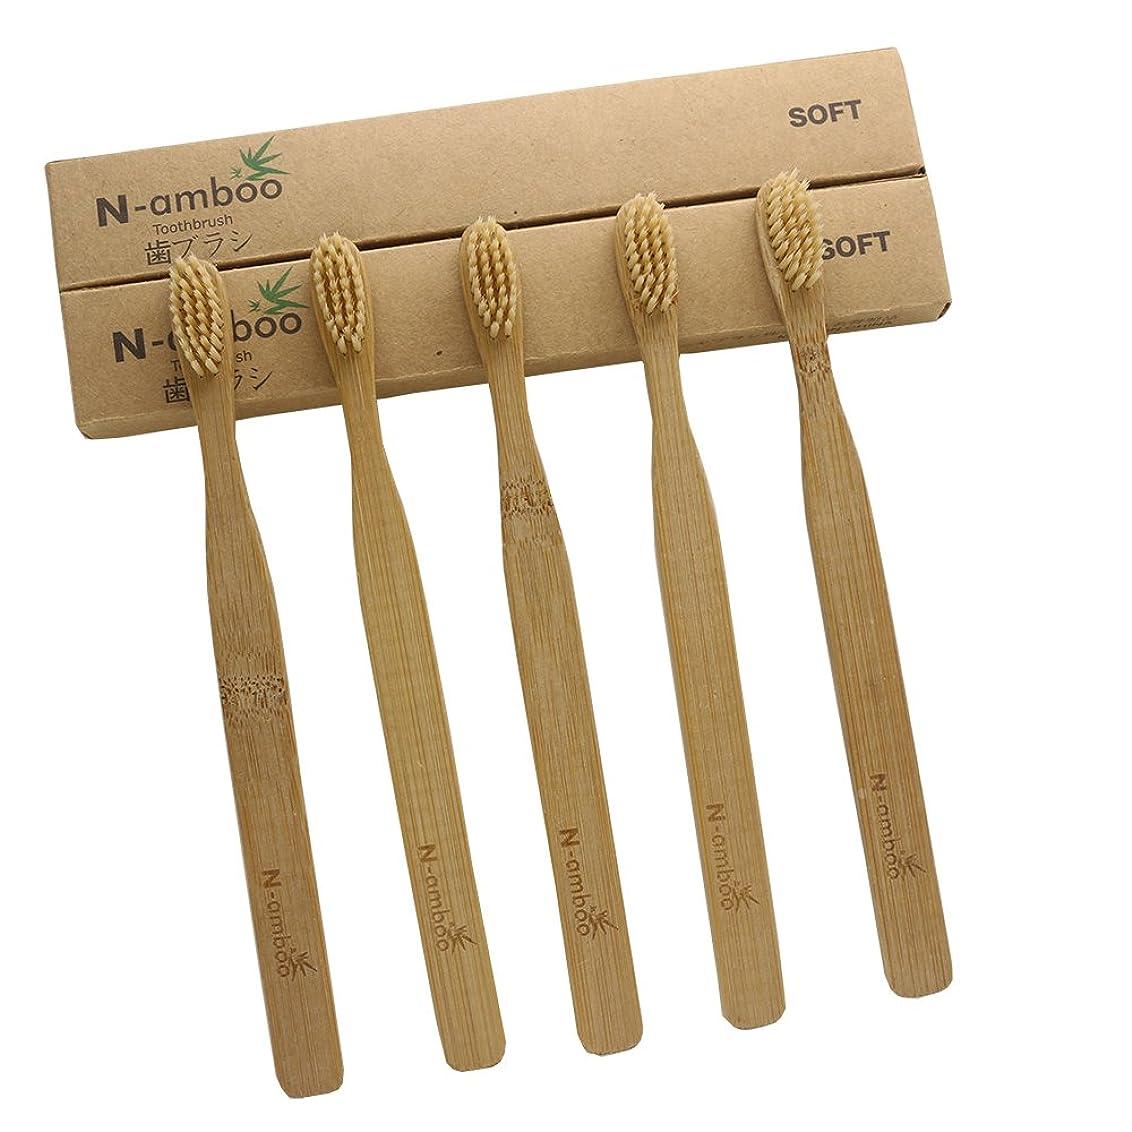 裸不純達成N-amboo 竹製 歯ブラシ 高耐久性 セット エコ ハンドル大きめ ベージュ (5本)